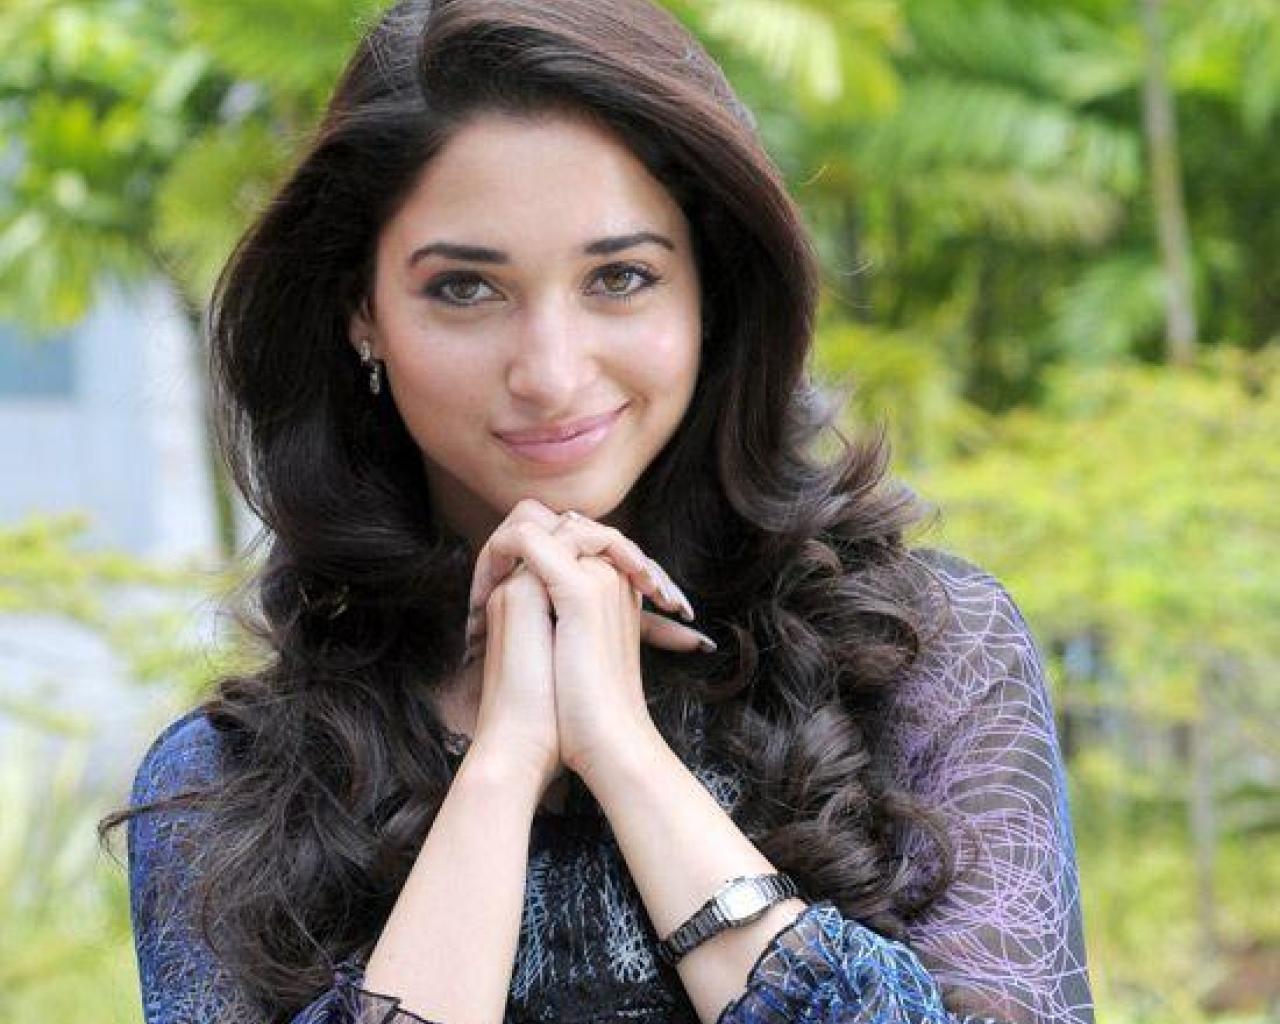 Tamanna Bhatia Hd: All HD Wallpapers (Actress): Tamanna Bhatia Beautiful